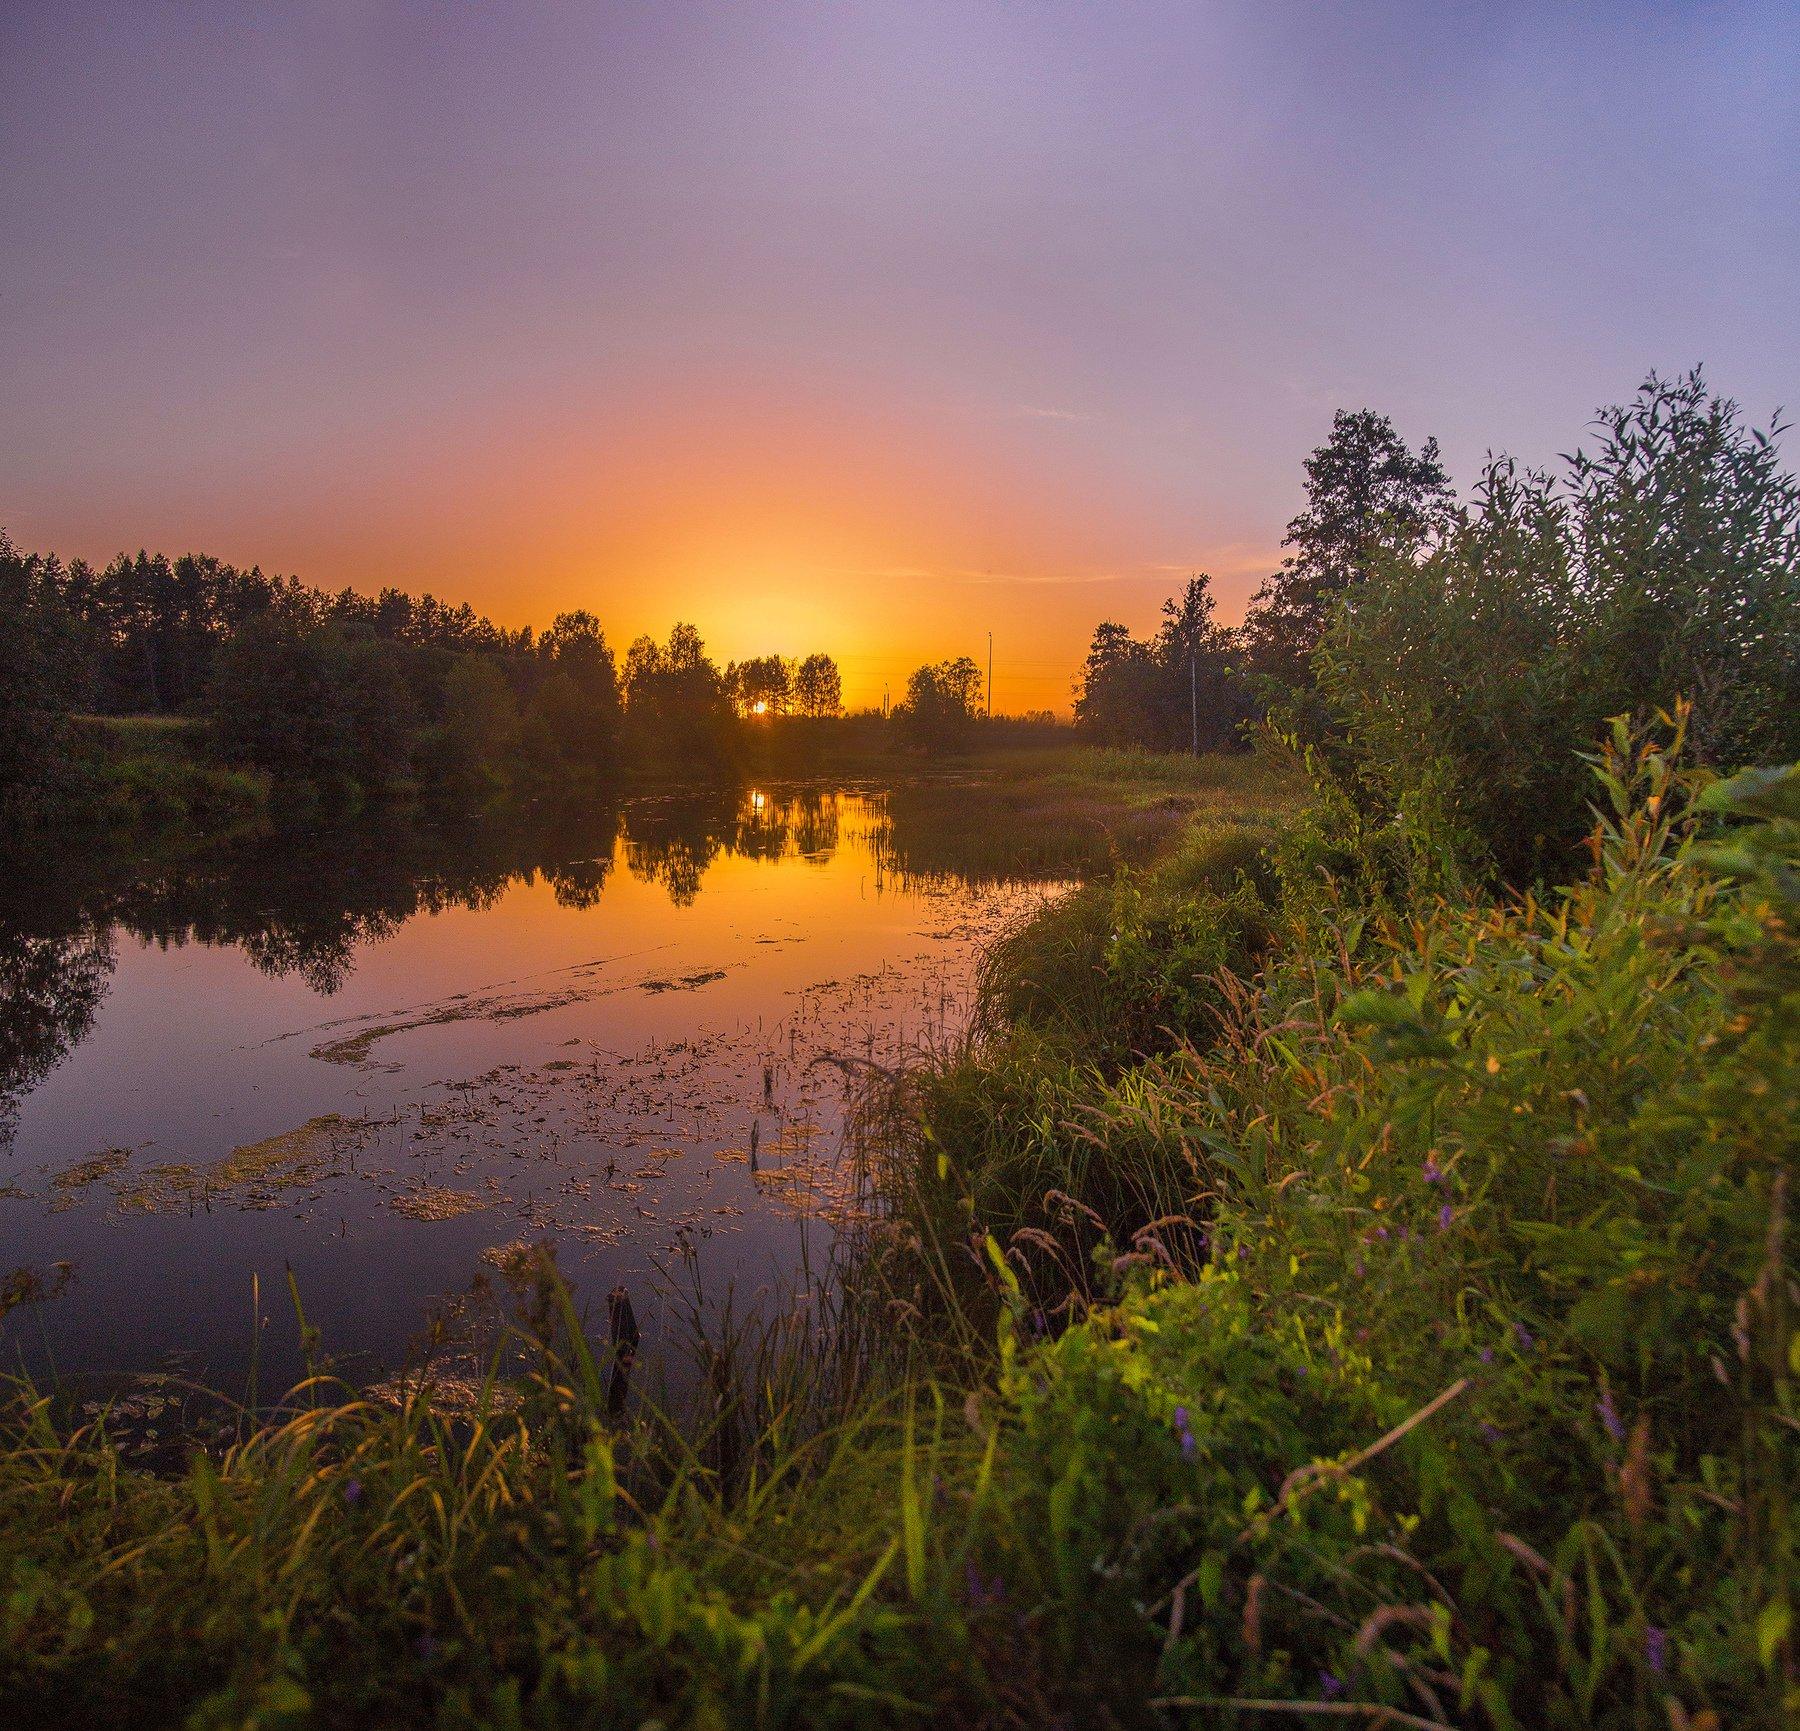 Россия, закат, иваново, Ивановская область, Воробьёв Евгений